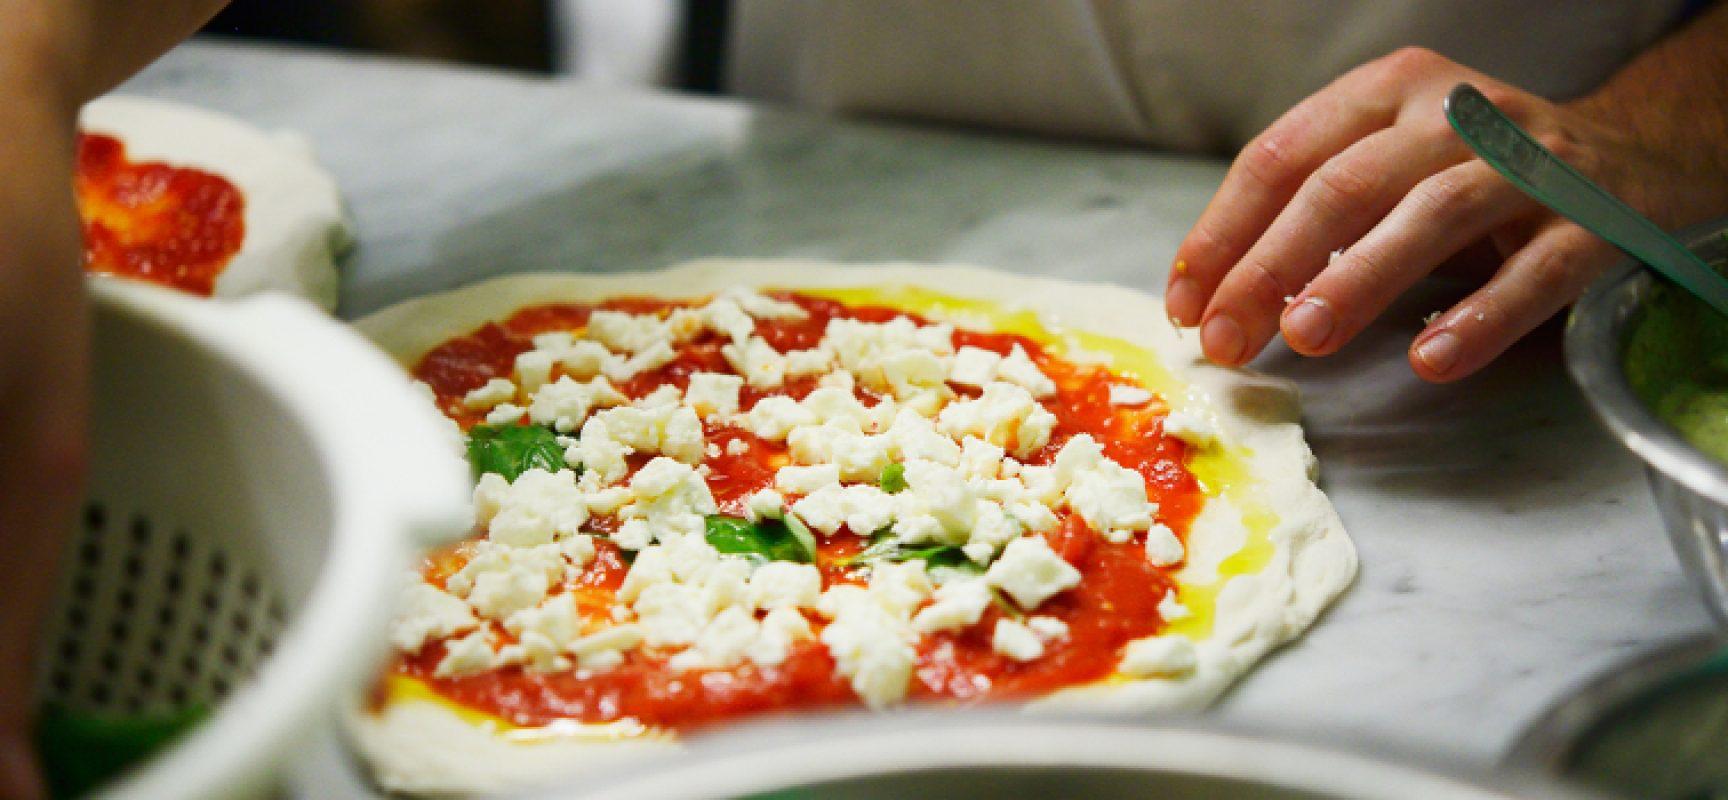 Confcommercio lancia un corso di formazione per pizzaioli